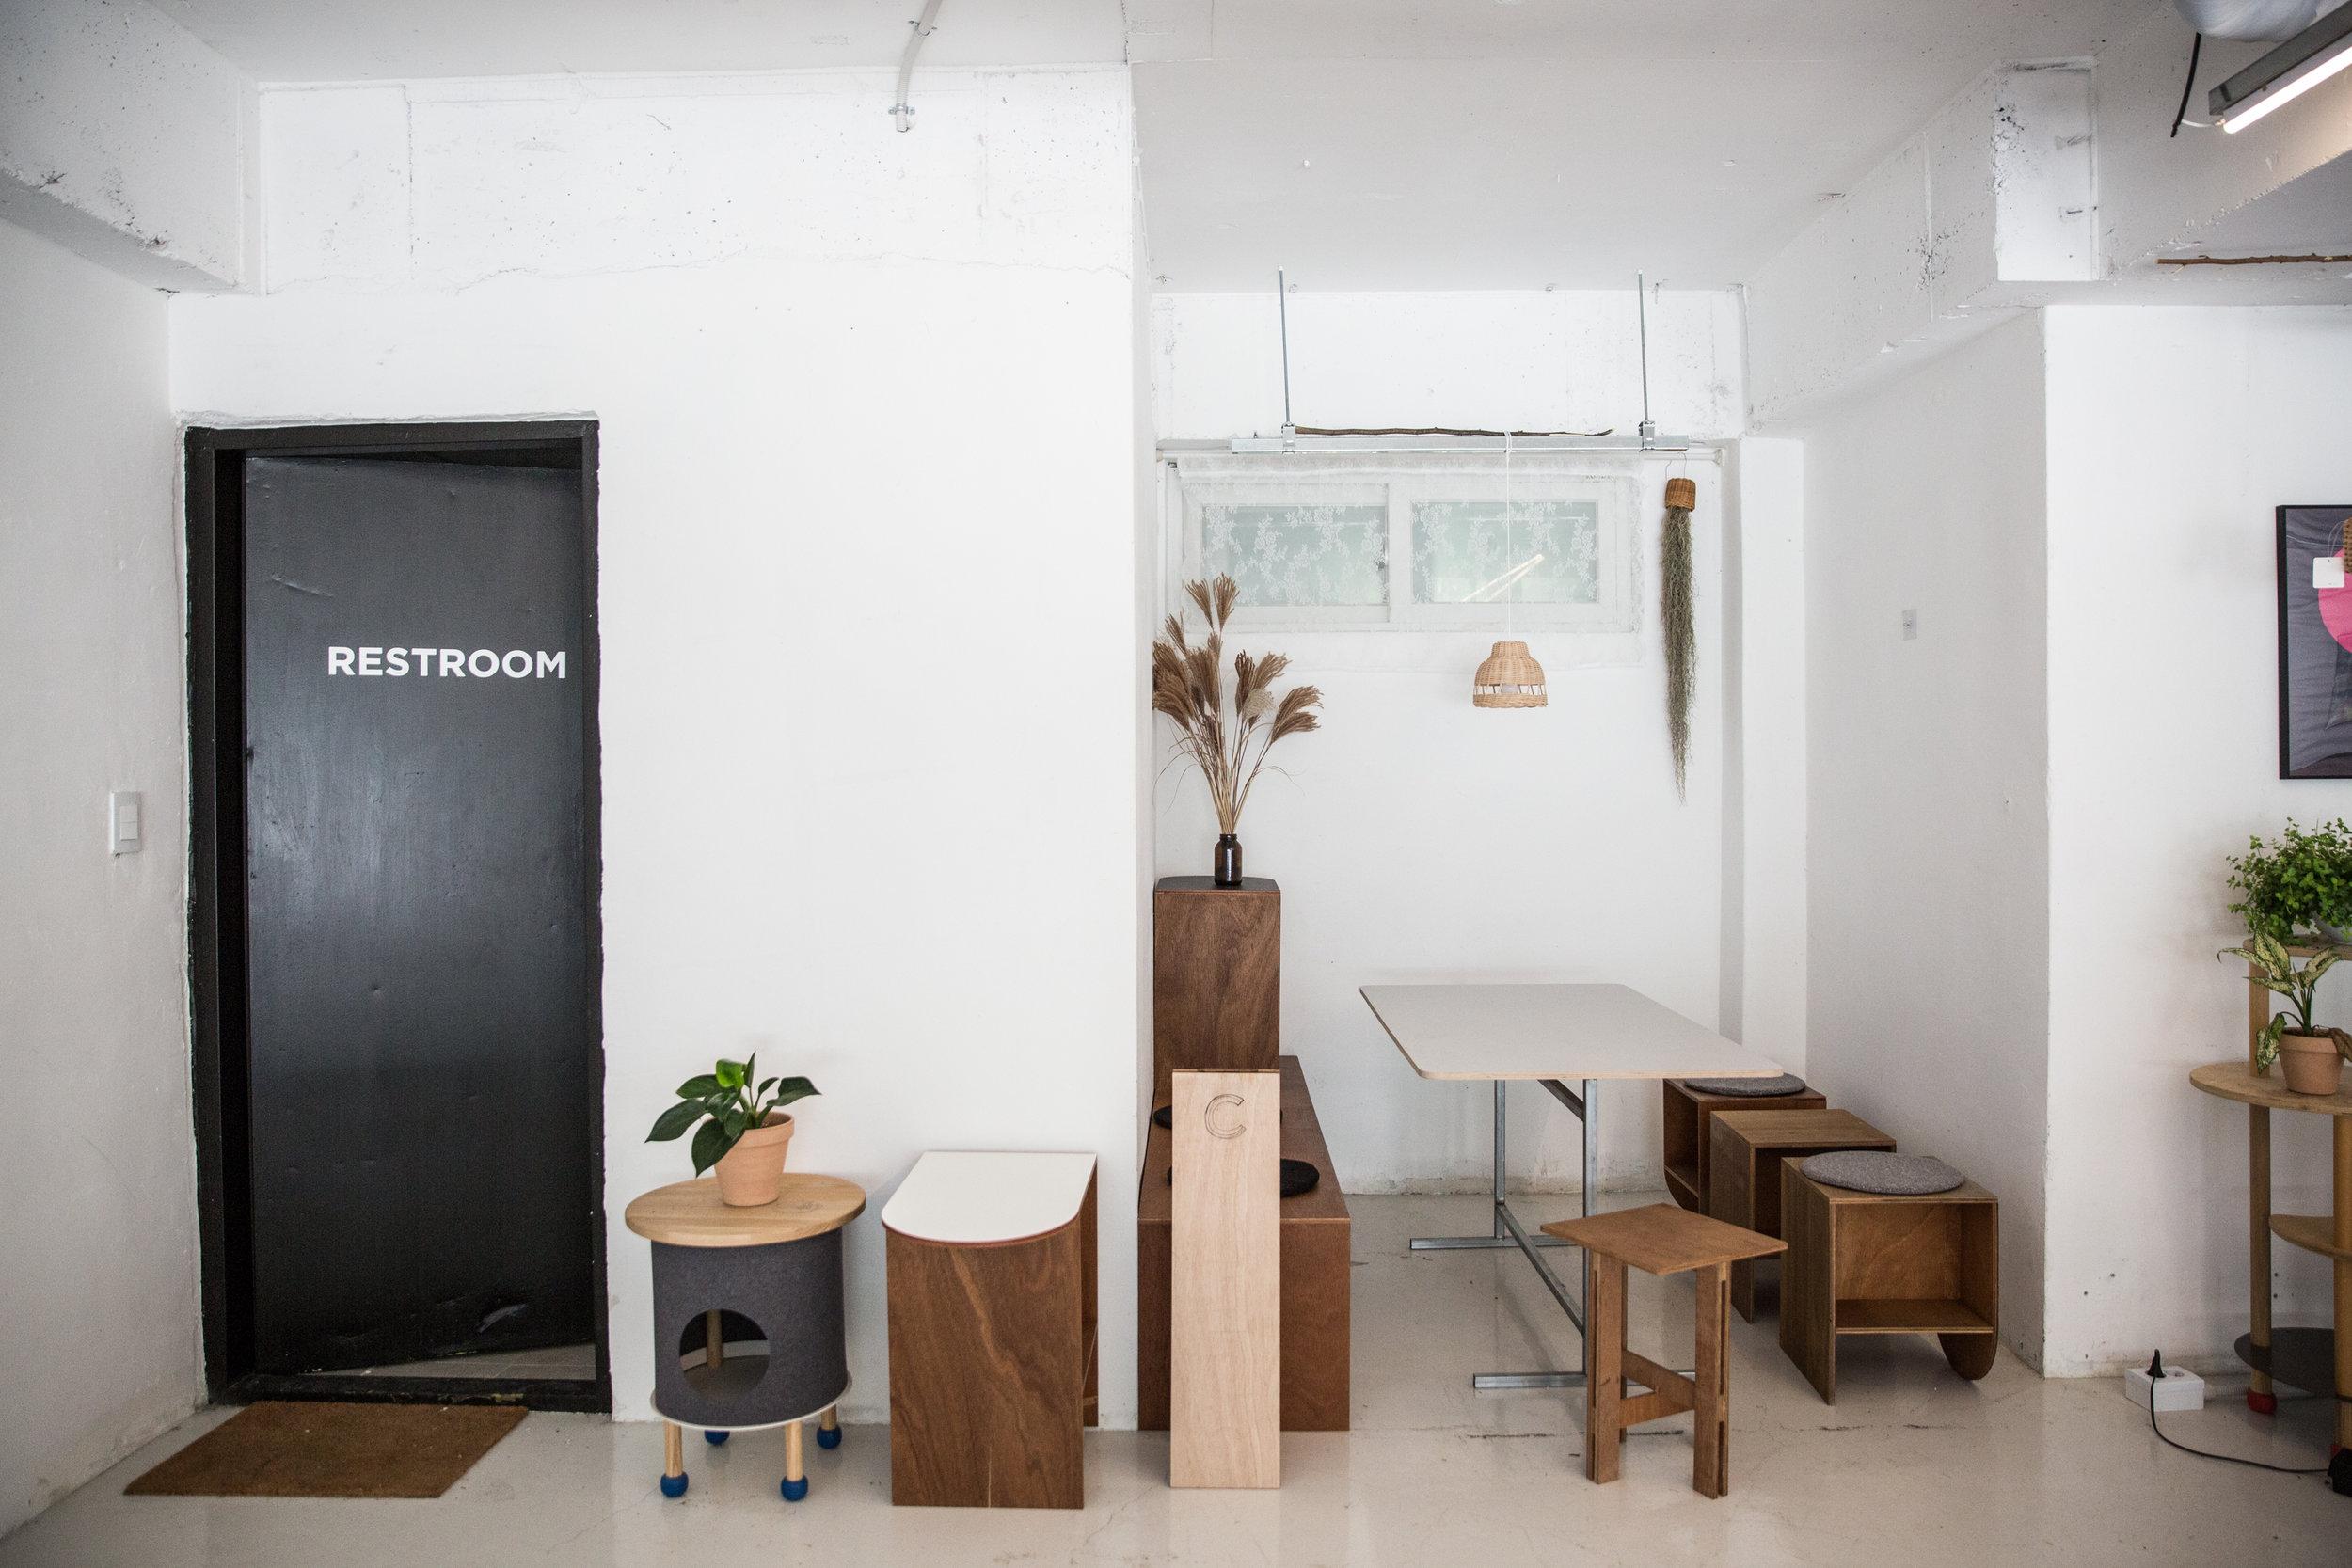 studio espacio-0055.jpg